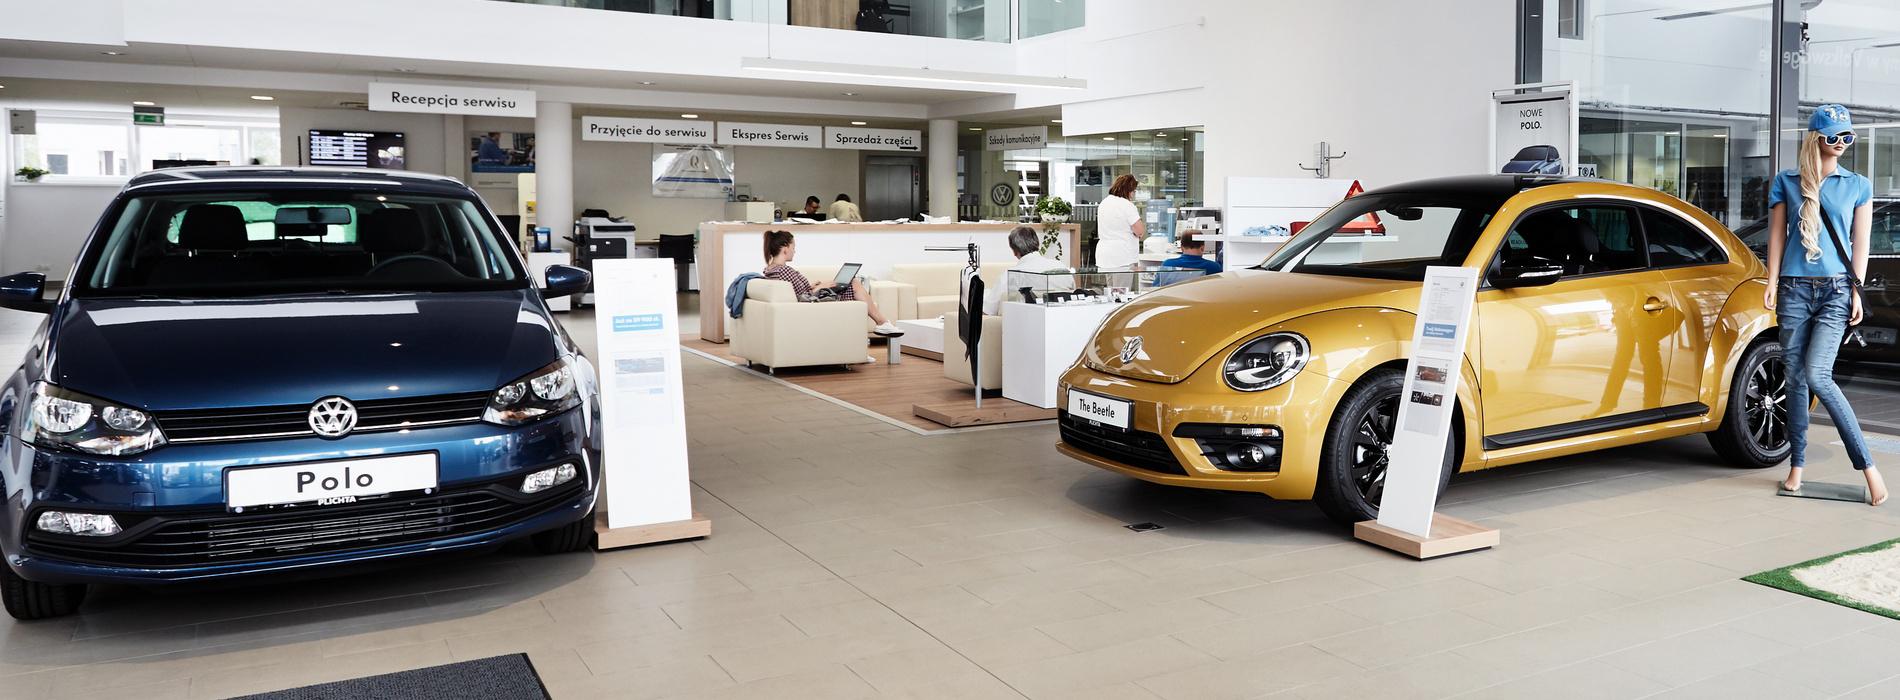 Salon samochodowy Plichta